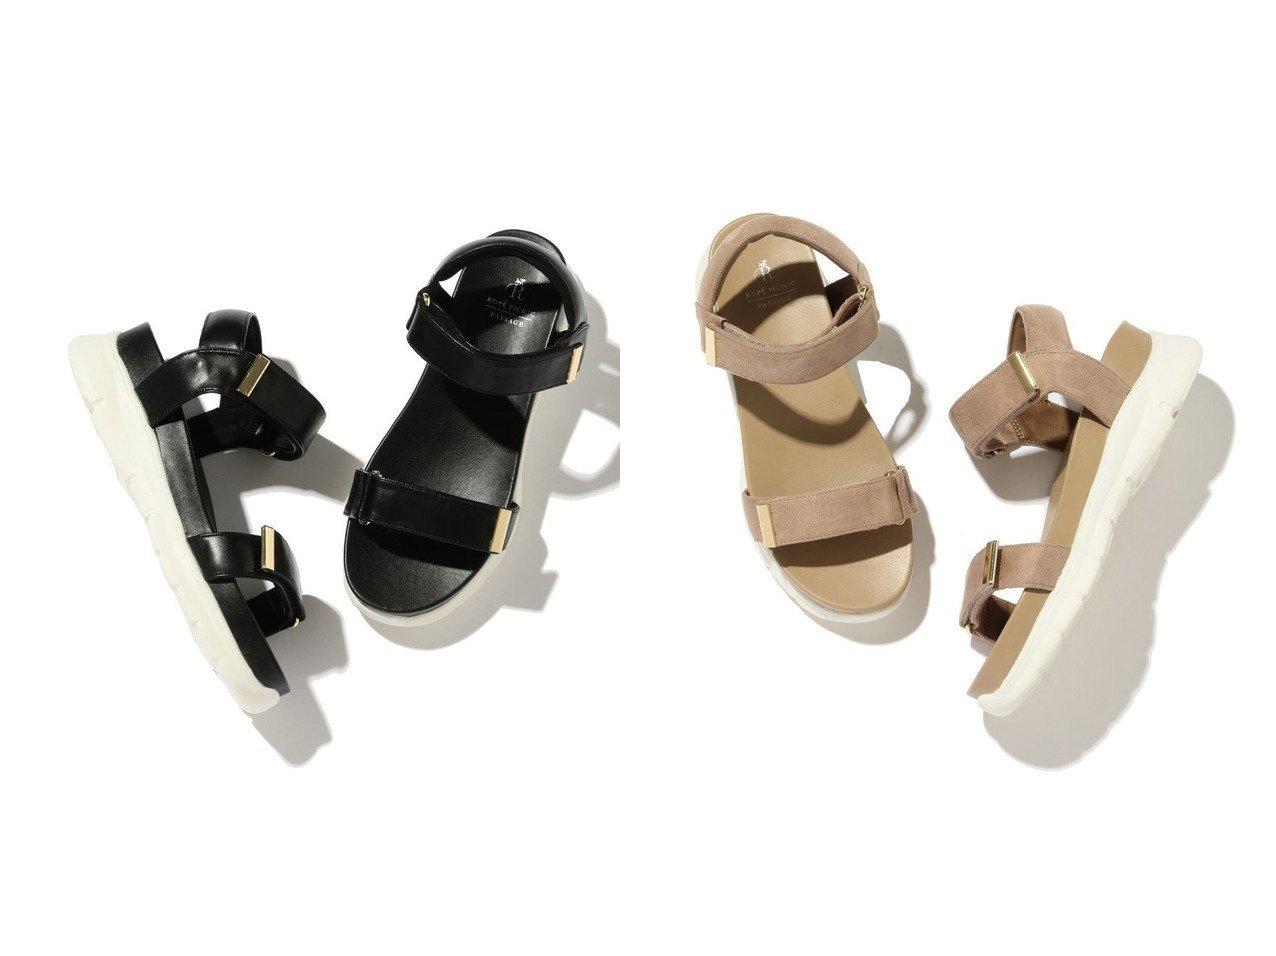 【ROPE'PICNIC PASSAGE/ロペピクニック パサージュ】のワニカンベルクロスニーカーサンダル 【シューズ・靴】おすすめ!人気トレンド・レディースファッション通販 おすすめで人気の流行・トレンド、ファッションの通販商品 インテリア・家具・メンズファッション・キッズファッション・レディースファッション・服の通販 founy(ファニー) https://founy.com/ ファッション Fashion レディースファッション WOMEN エレガント サンダル シューズ ソックス ミュール メタル ラップ |ID:crp329100000046878